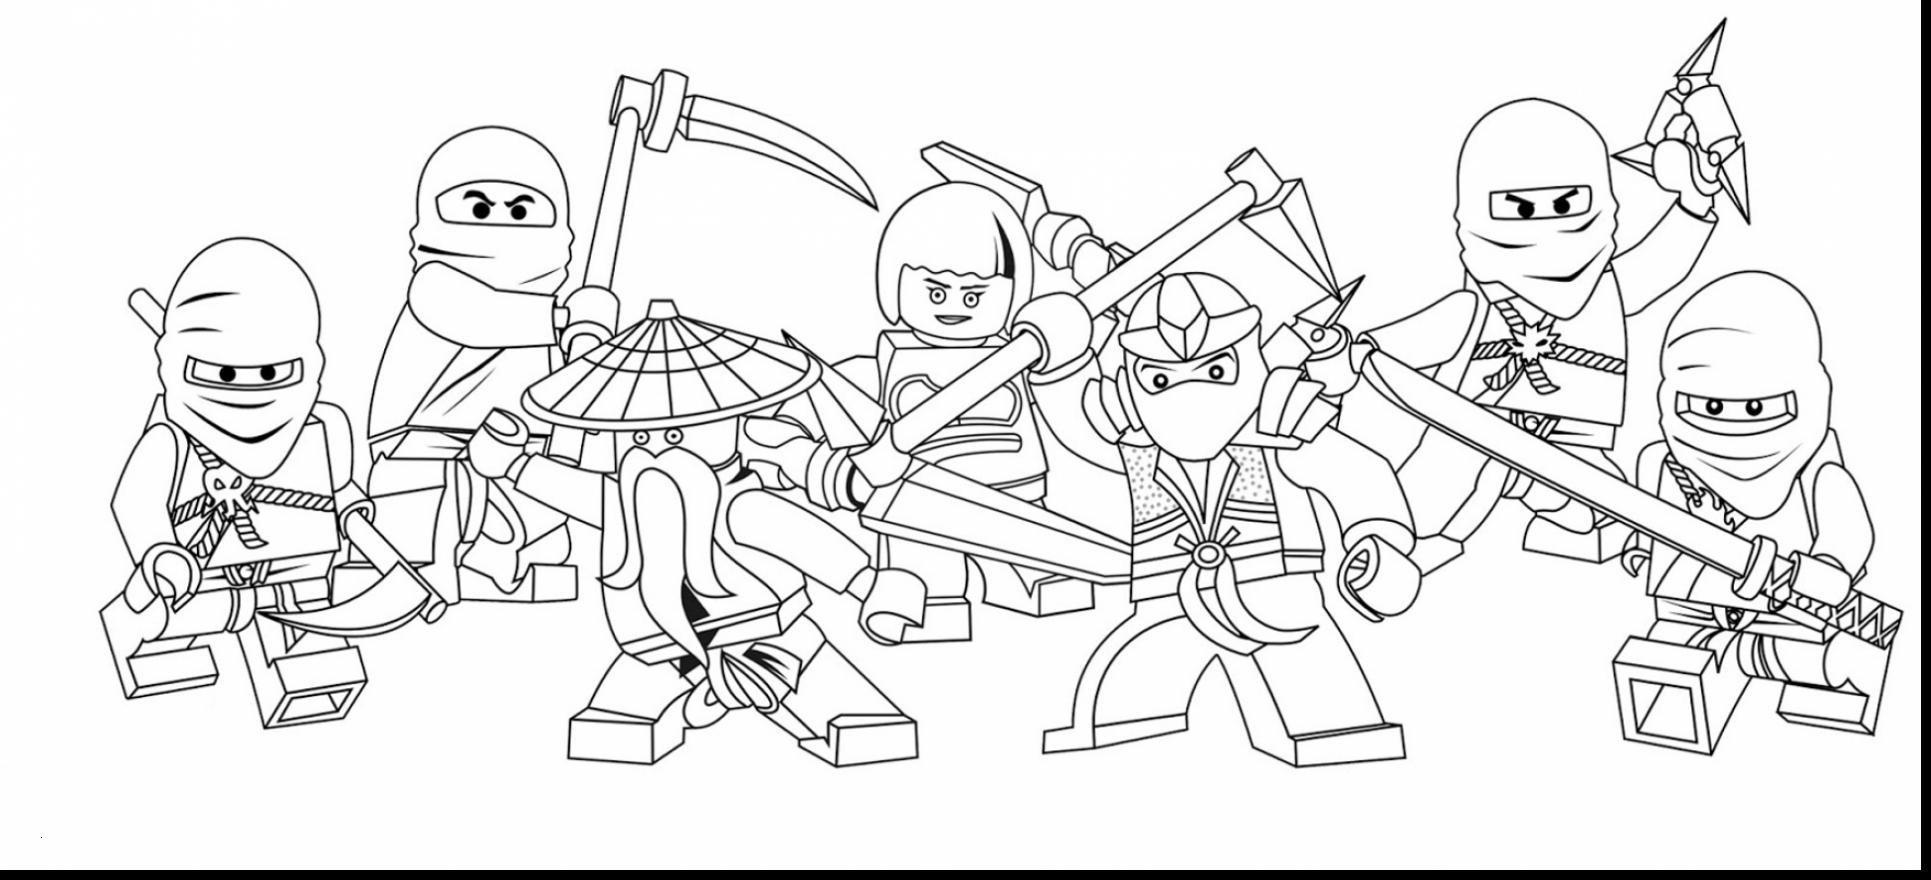 Ninjago Jay Ausmalbilder Das Beste Von Lego Ausmalbilder Ninjago Uploadertalk Frisch Ninjago Ausmalbilder Bilder